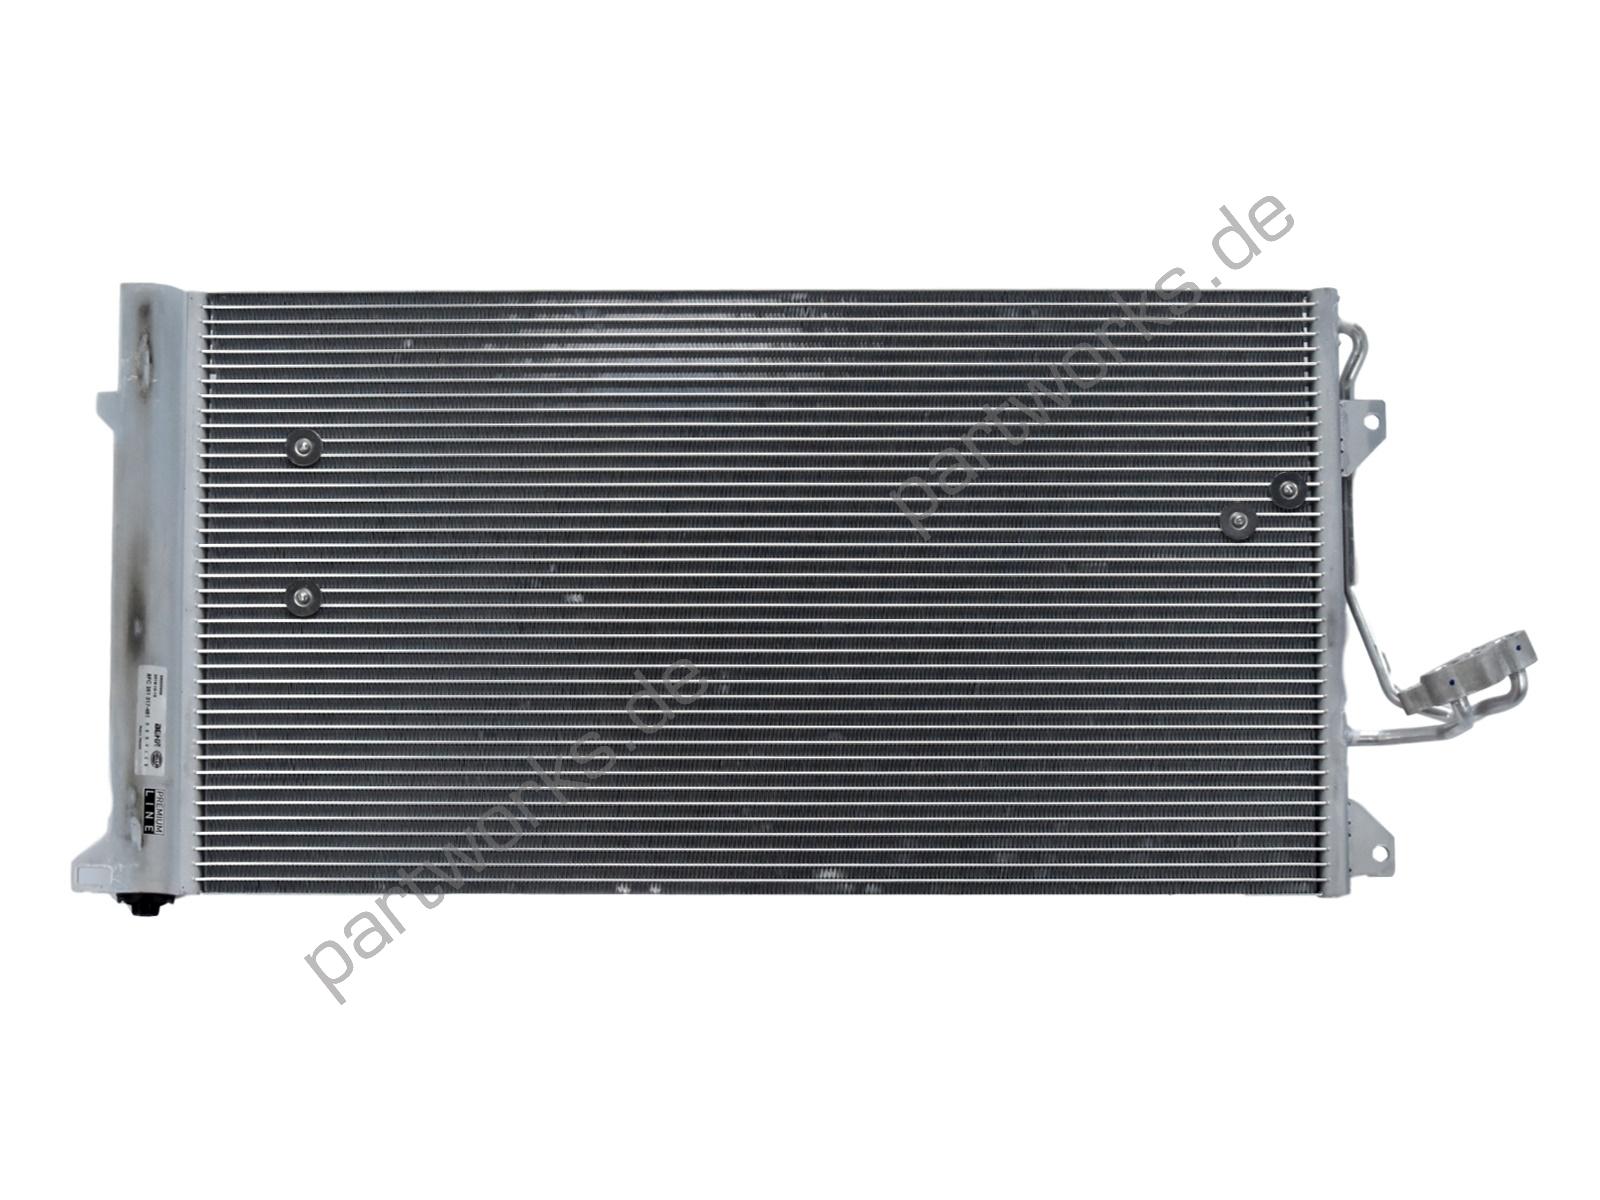 Klimakondensator für Porsche Cayenne 955 957